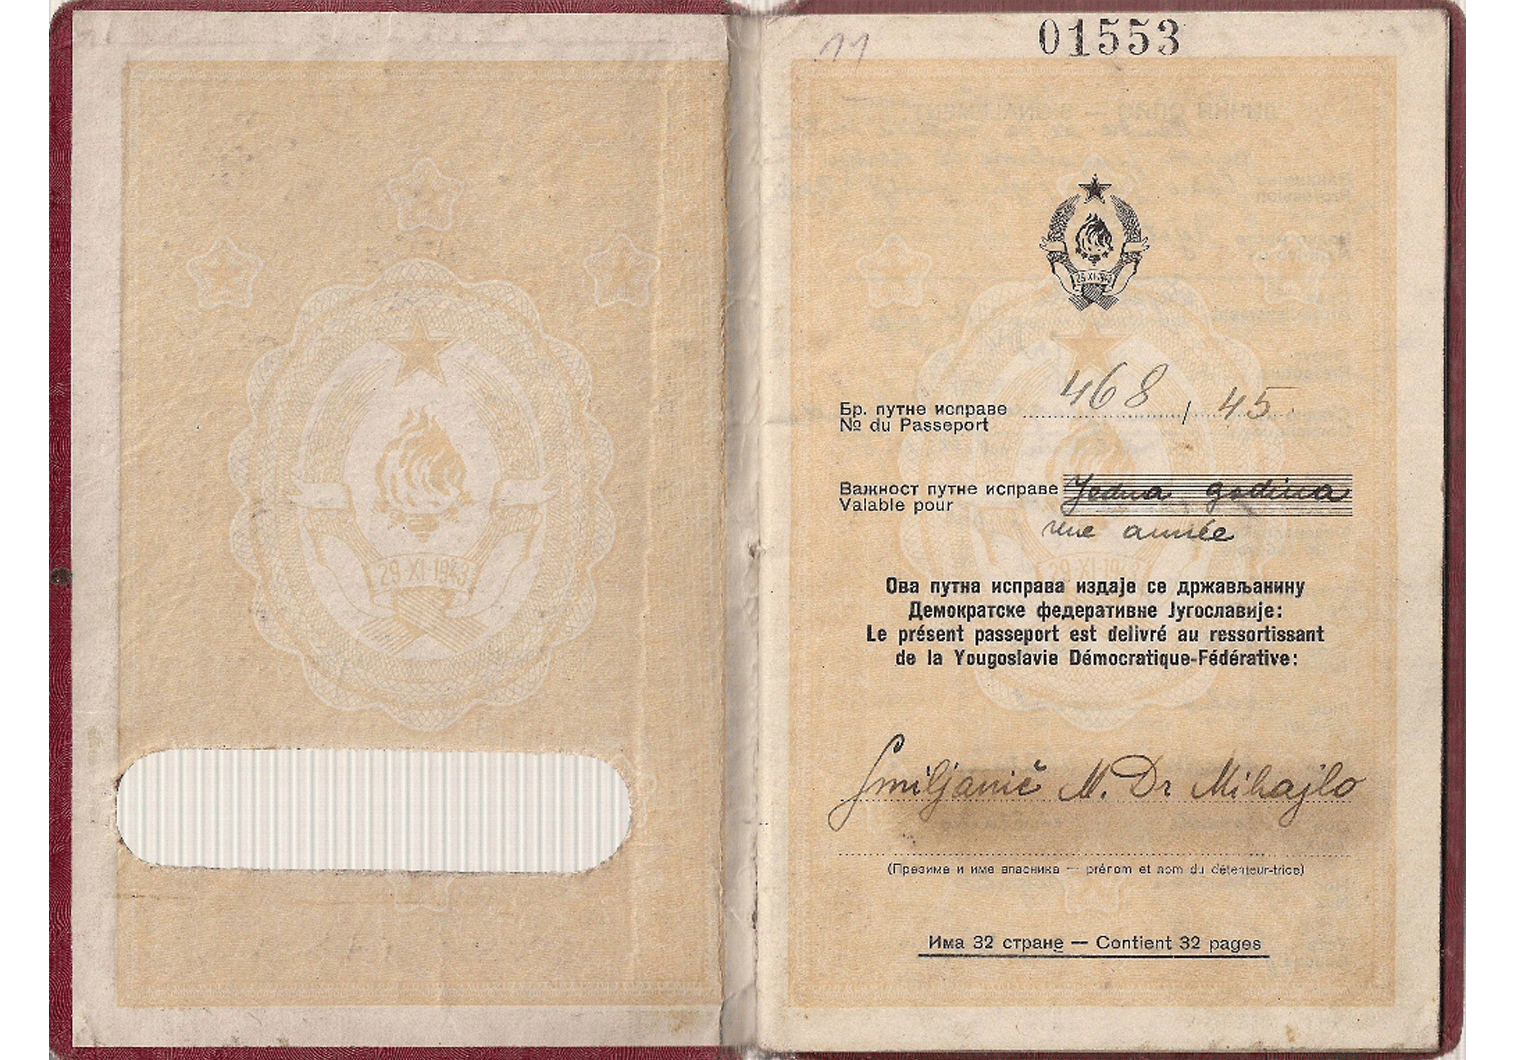 1945 Yugoslavian official passport